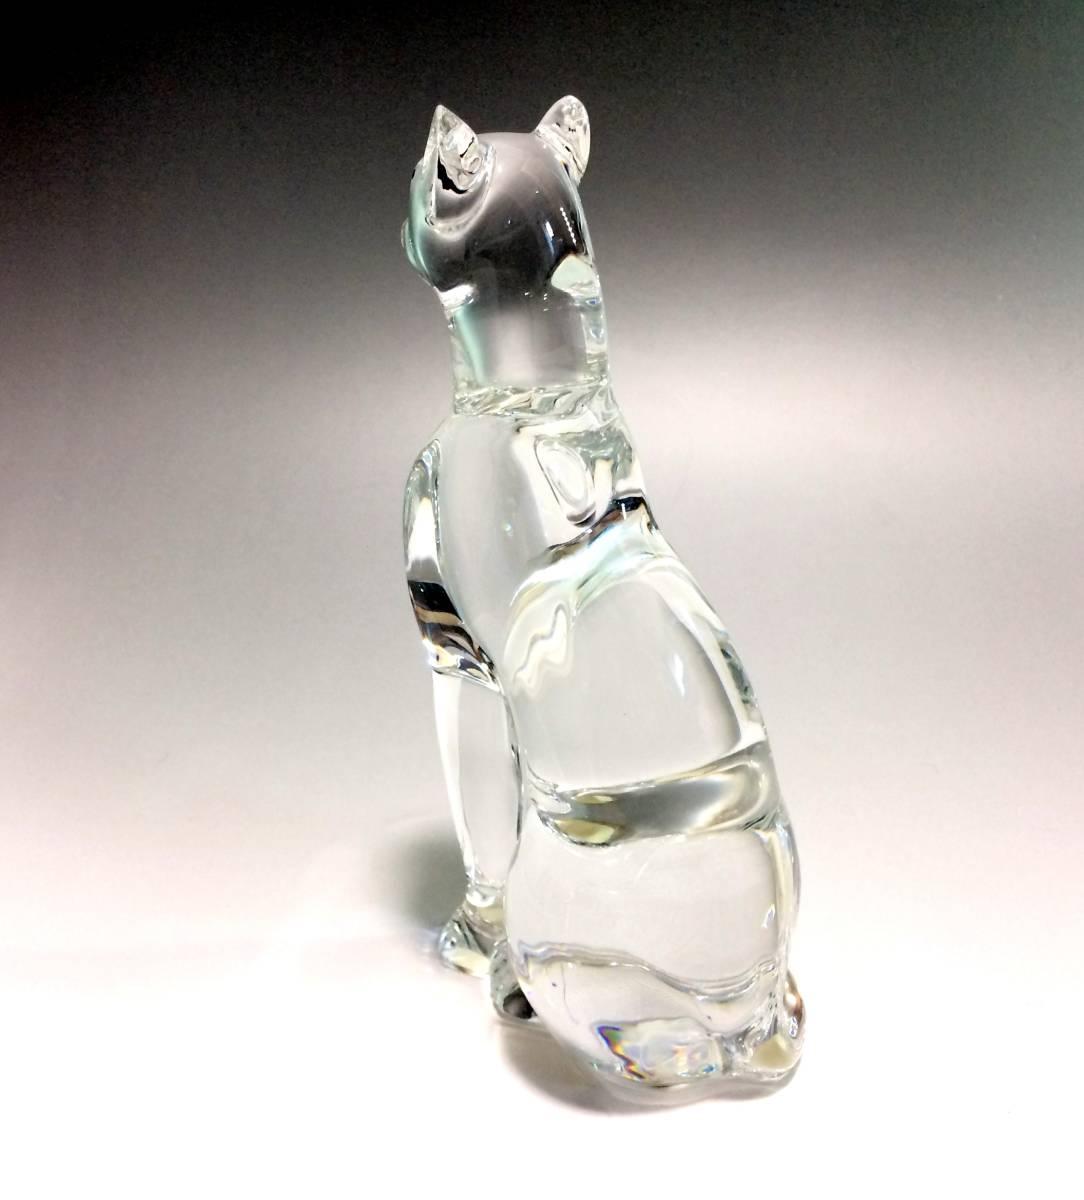 ★貴重★ バカラ Baccarat フィギュリン エジプシャンキャット クリスタル オブジェ 猫 アンティーク_画像4